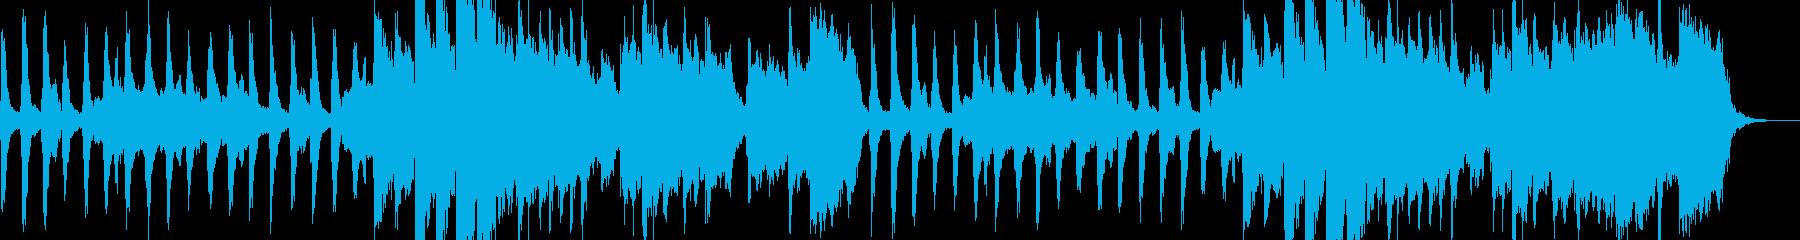 和風=オケ-決心-悲壮な覚悟-行進の再生済みの波形